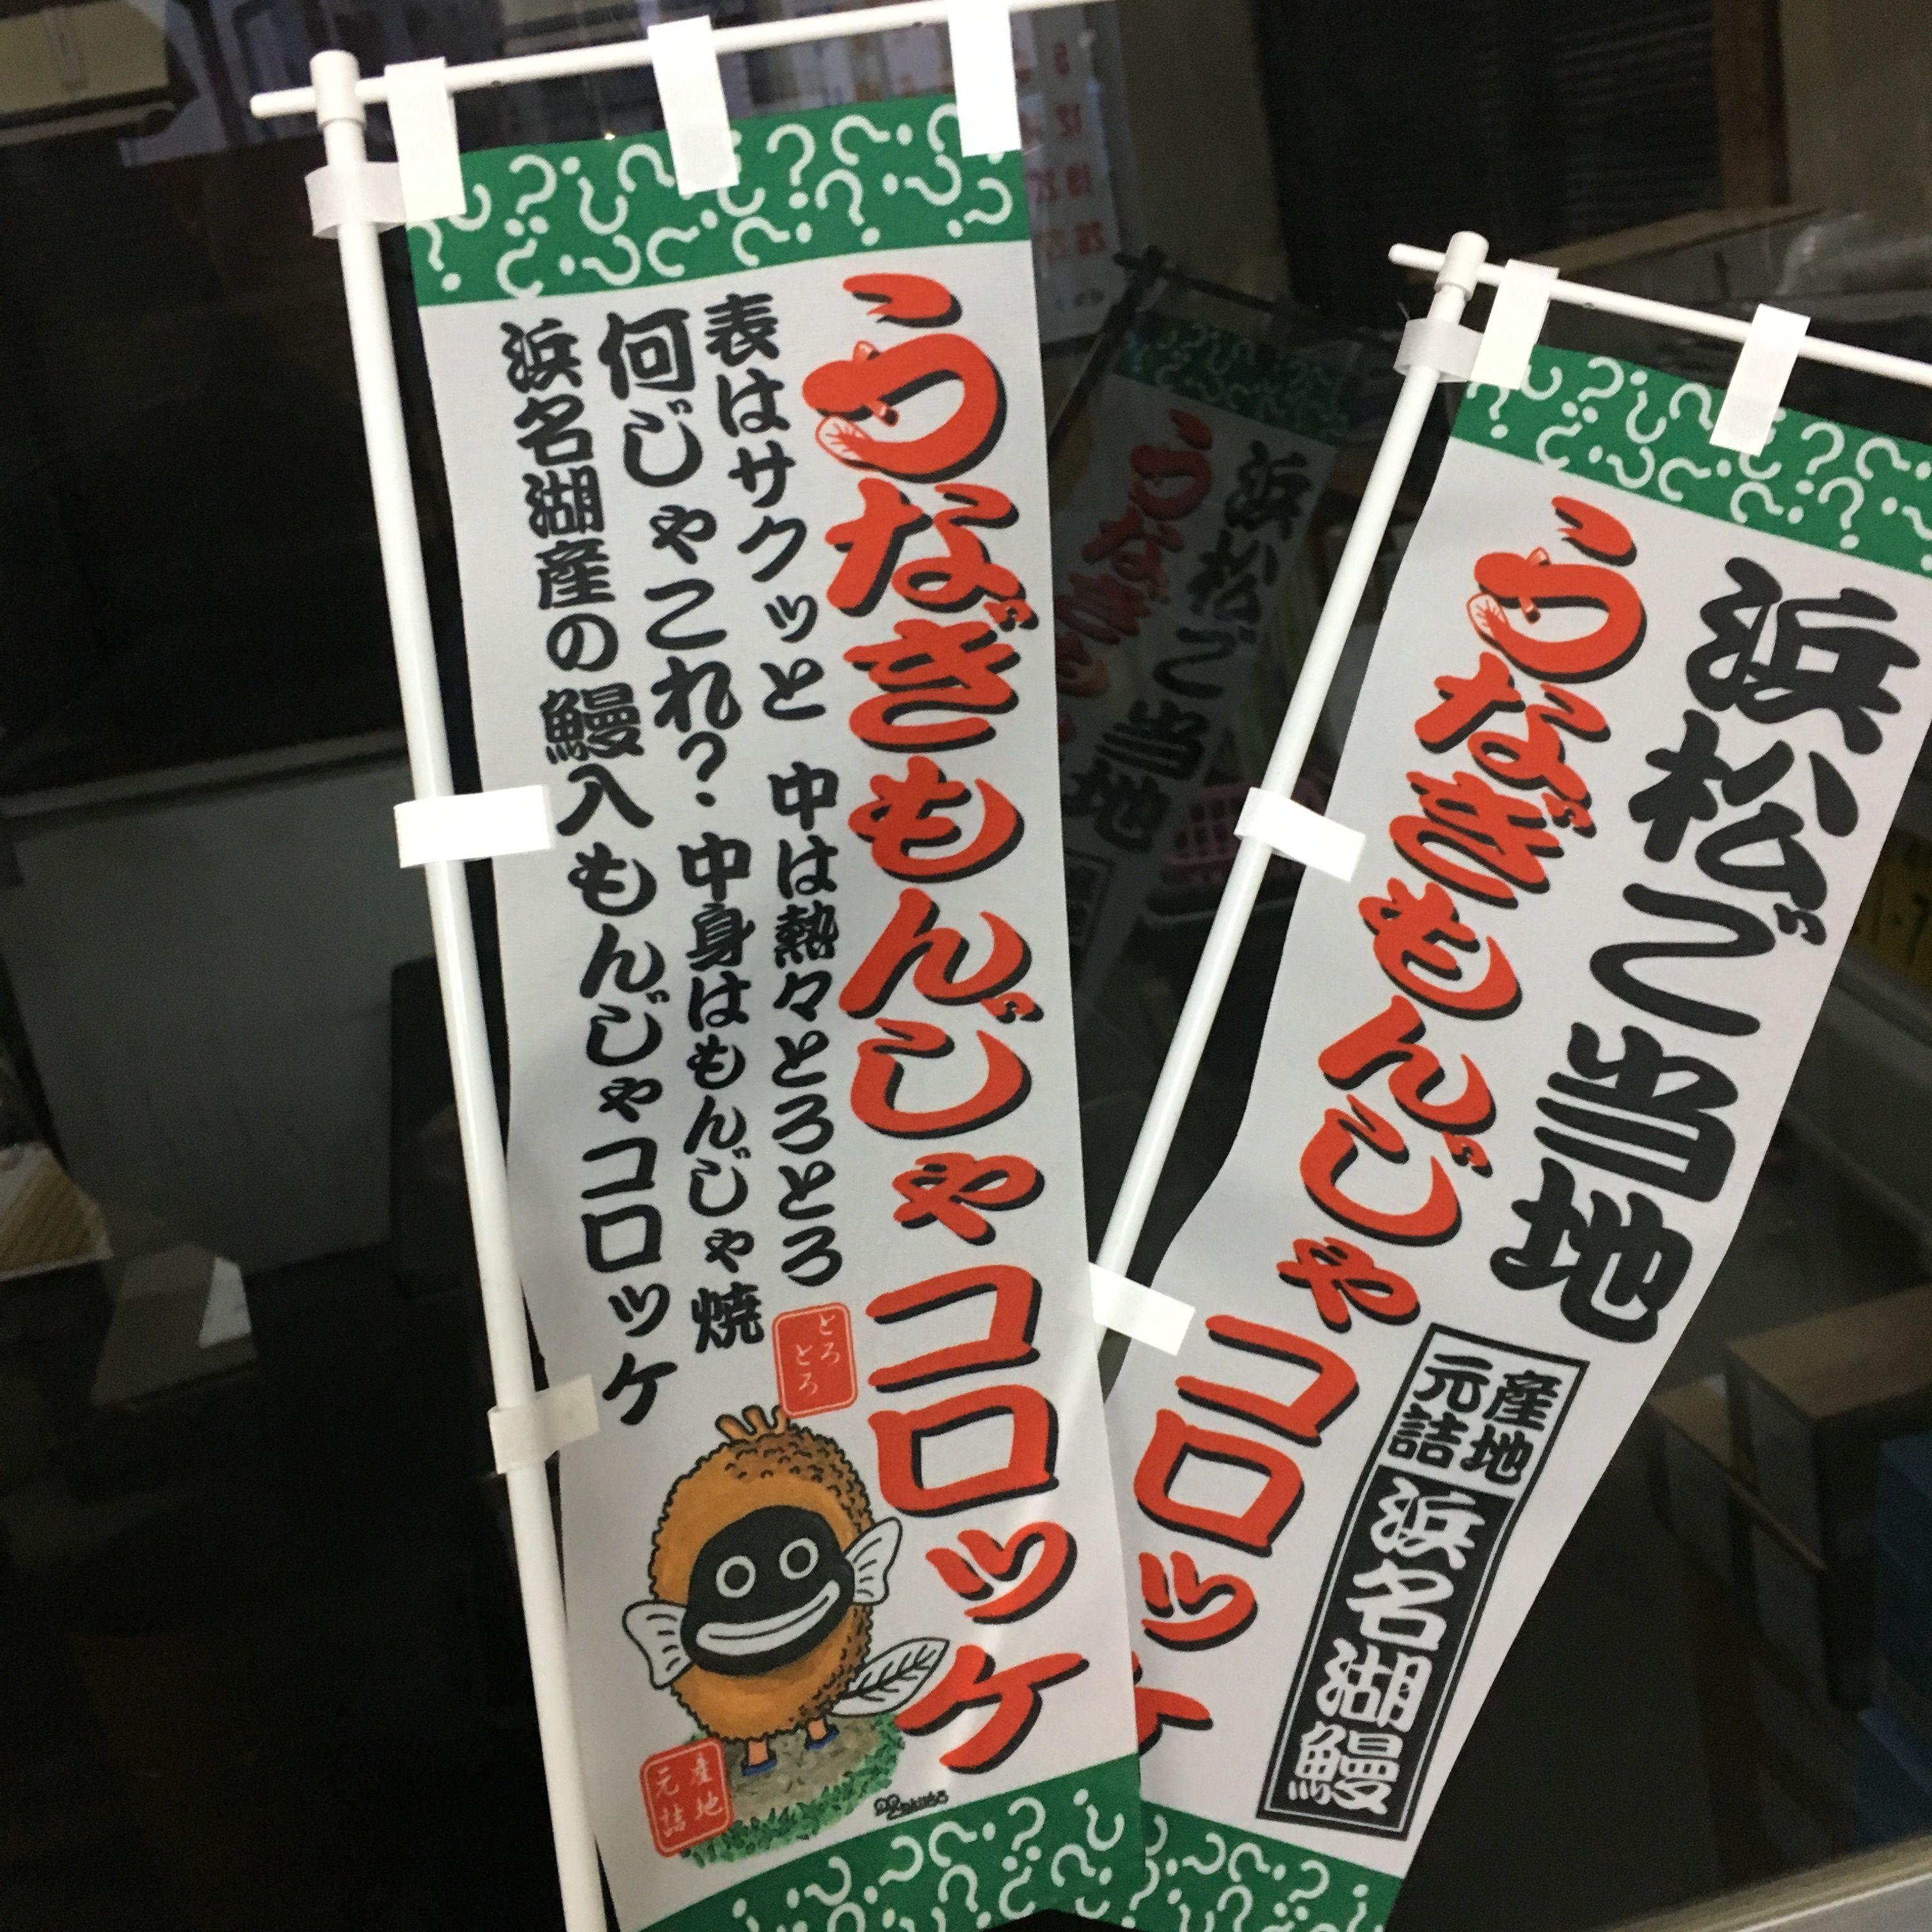 浜松ご当地コロッケ、浜松うなぎもんじゃコロッケ5個入パック